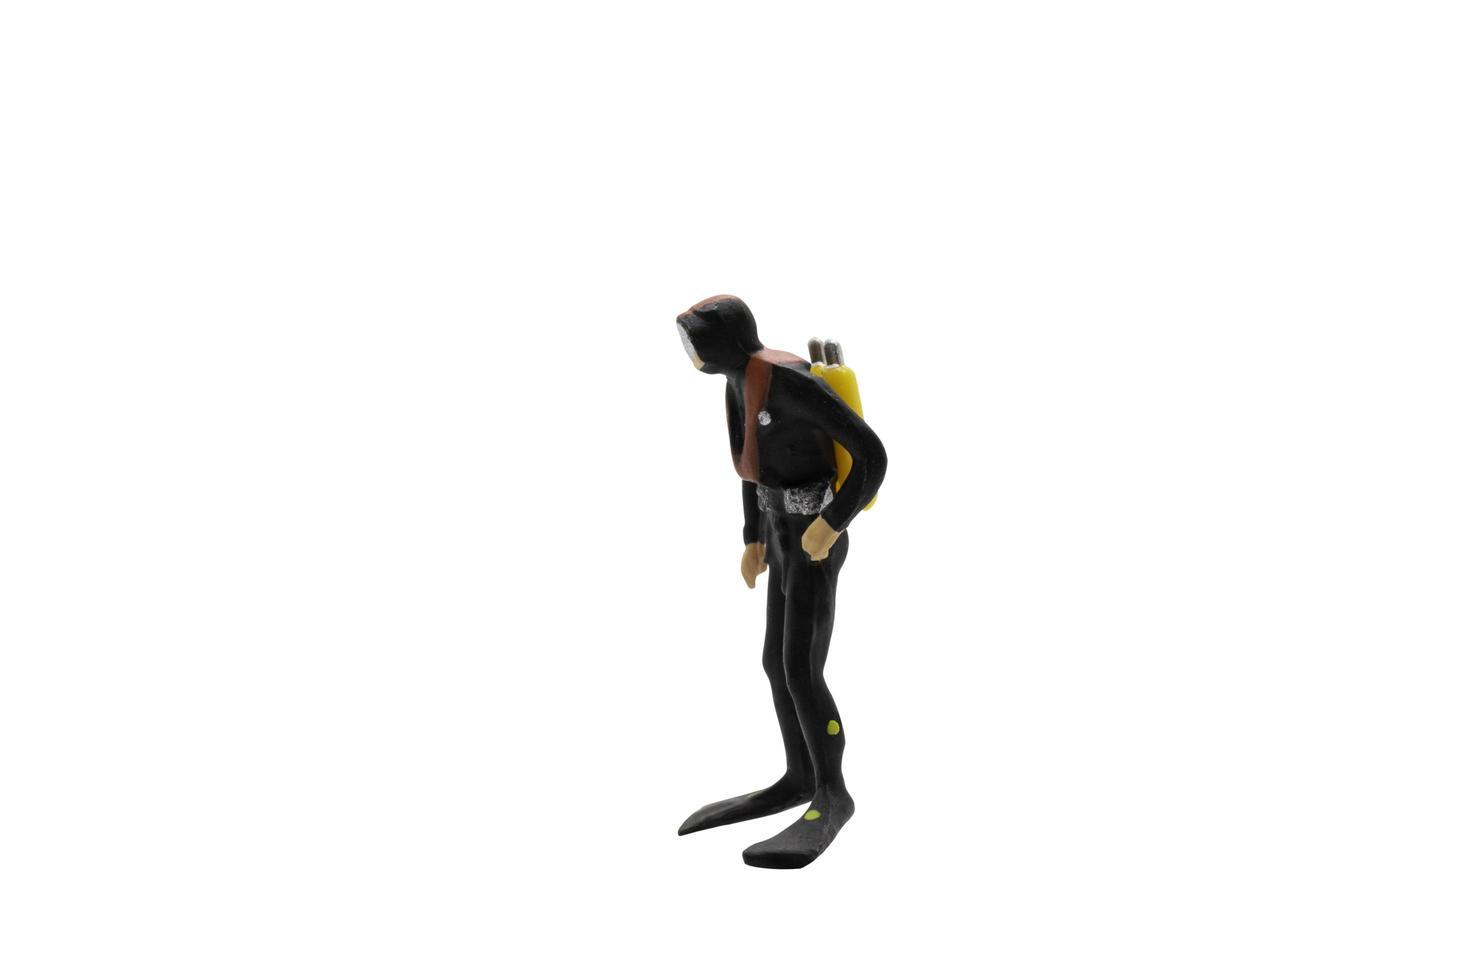 statuetta in miniatura di un subacqueo isolato su sfondo bianco foto